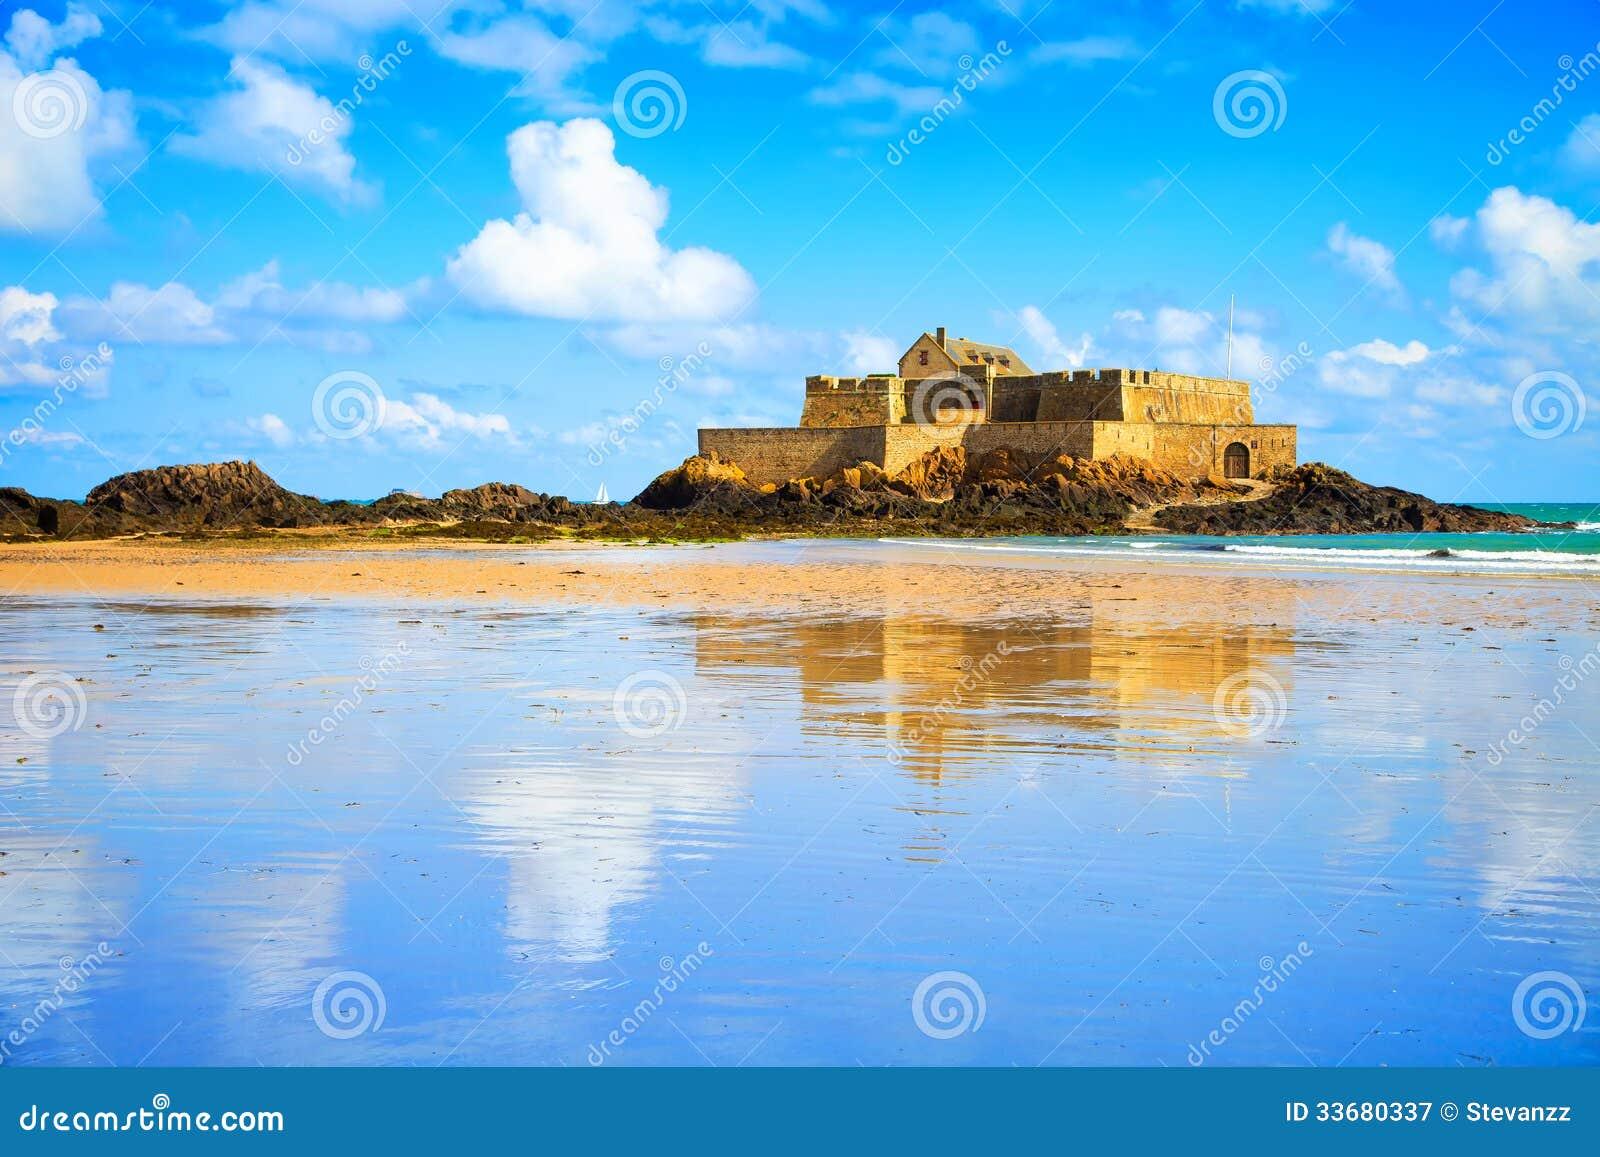 Соотечественник форта Malo Святого и пляж, малая вода. Бретань, Франция.